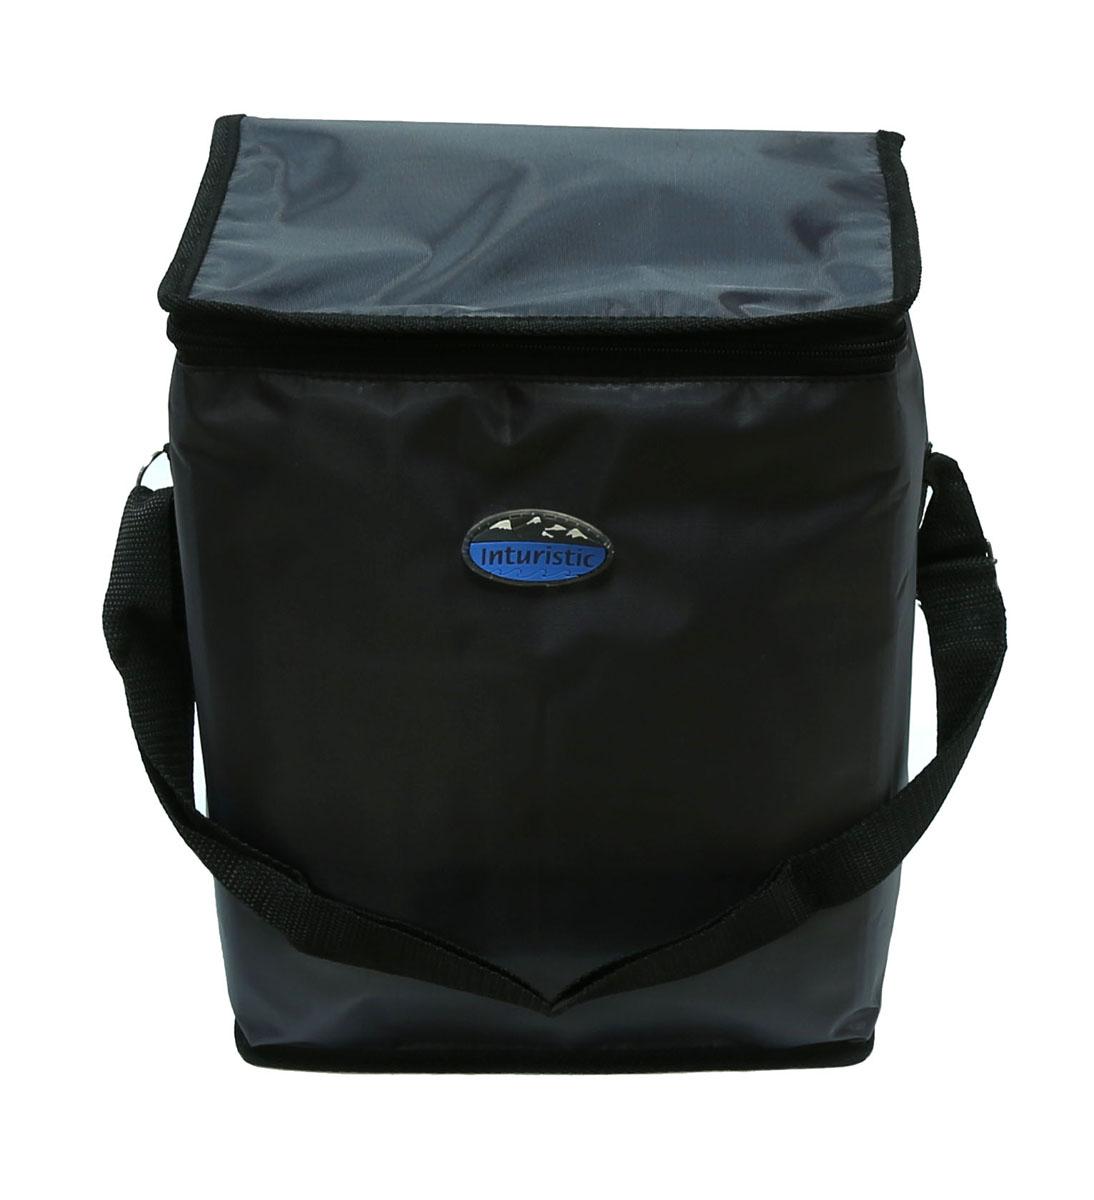 Сумка изотермическая Inturistic, цвет: серый, 17 л159201_2Изотермическая сумка Inturistic поможет сохранить температуру пищи и напитков в течение нескольких часов. Она будет удобна при поездках на дачу, на пикник и дальних путешествиях. Коэффициент теплового отражения не менее 90%. Температурный диапазон от -60°С до 140°С. Вмещает по высоте до 6 ПЭТ бутылок емкостью 1,5 л с прохладительными напитками. Наибольший эффект достигается при использовании аккумуляторов холода. Имеется карман для аккумулятора холода. Карман можно использовать для переноски необходимых мелочей. Сумка удобна для переноски контейнеров с едой и ланч боксов. Материал: Oxford ПВХ, тепло/гидроизоляционный материал, термостойкая изоляция. Объем сумки: 17 л. Размер сумки: 26 х 20 х 32 см.